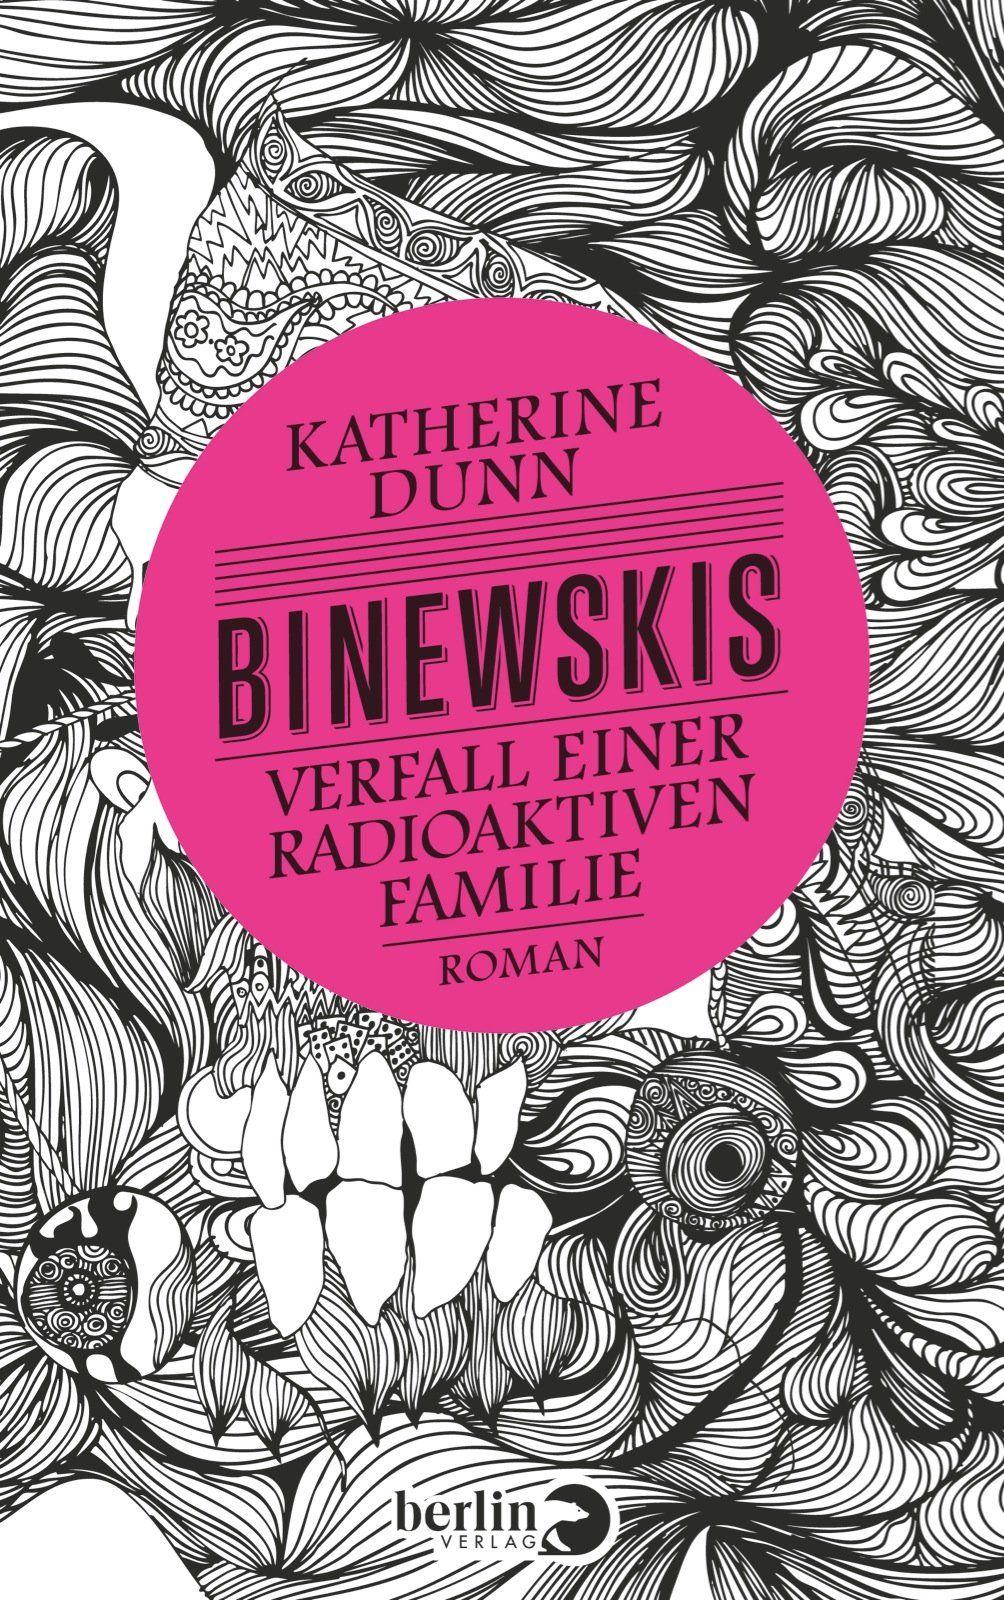 Katherine Dunn - Binewskis: Verfall einer radioaktiven Familie